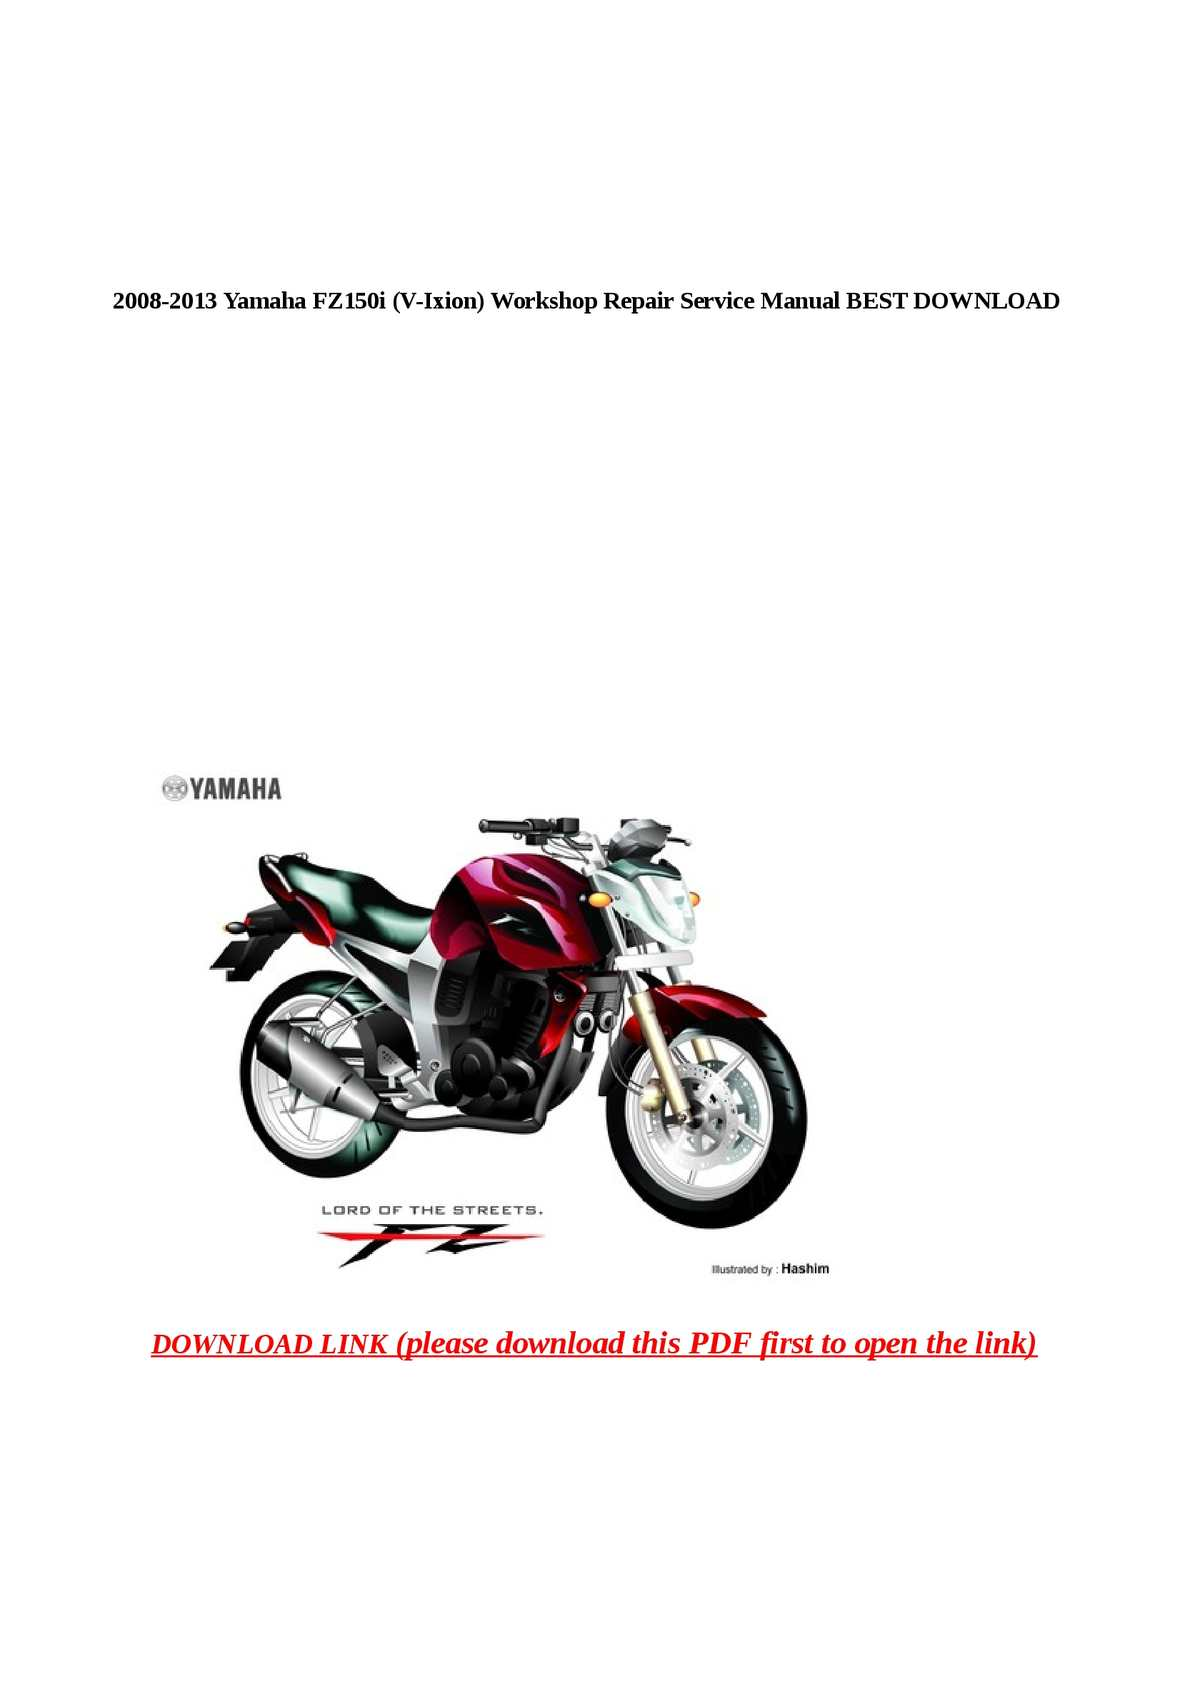 Fz150i Service Manual